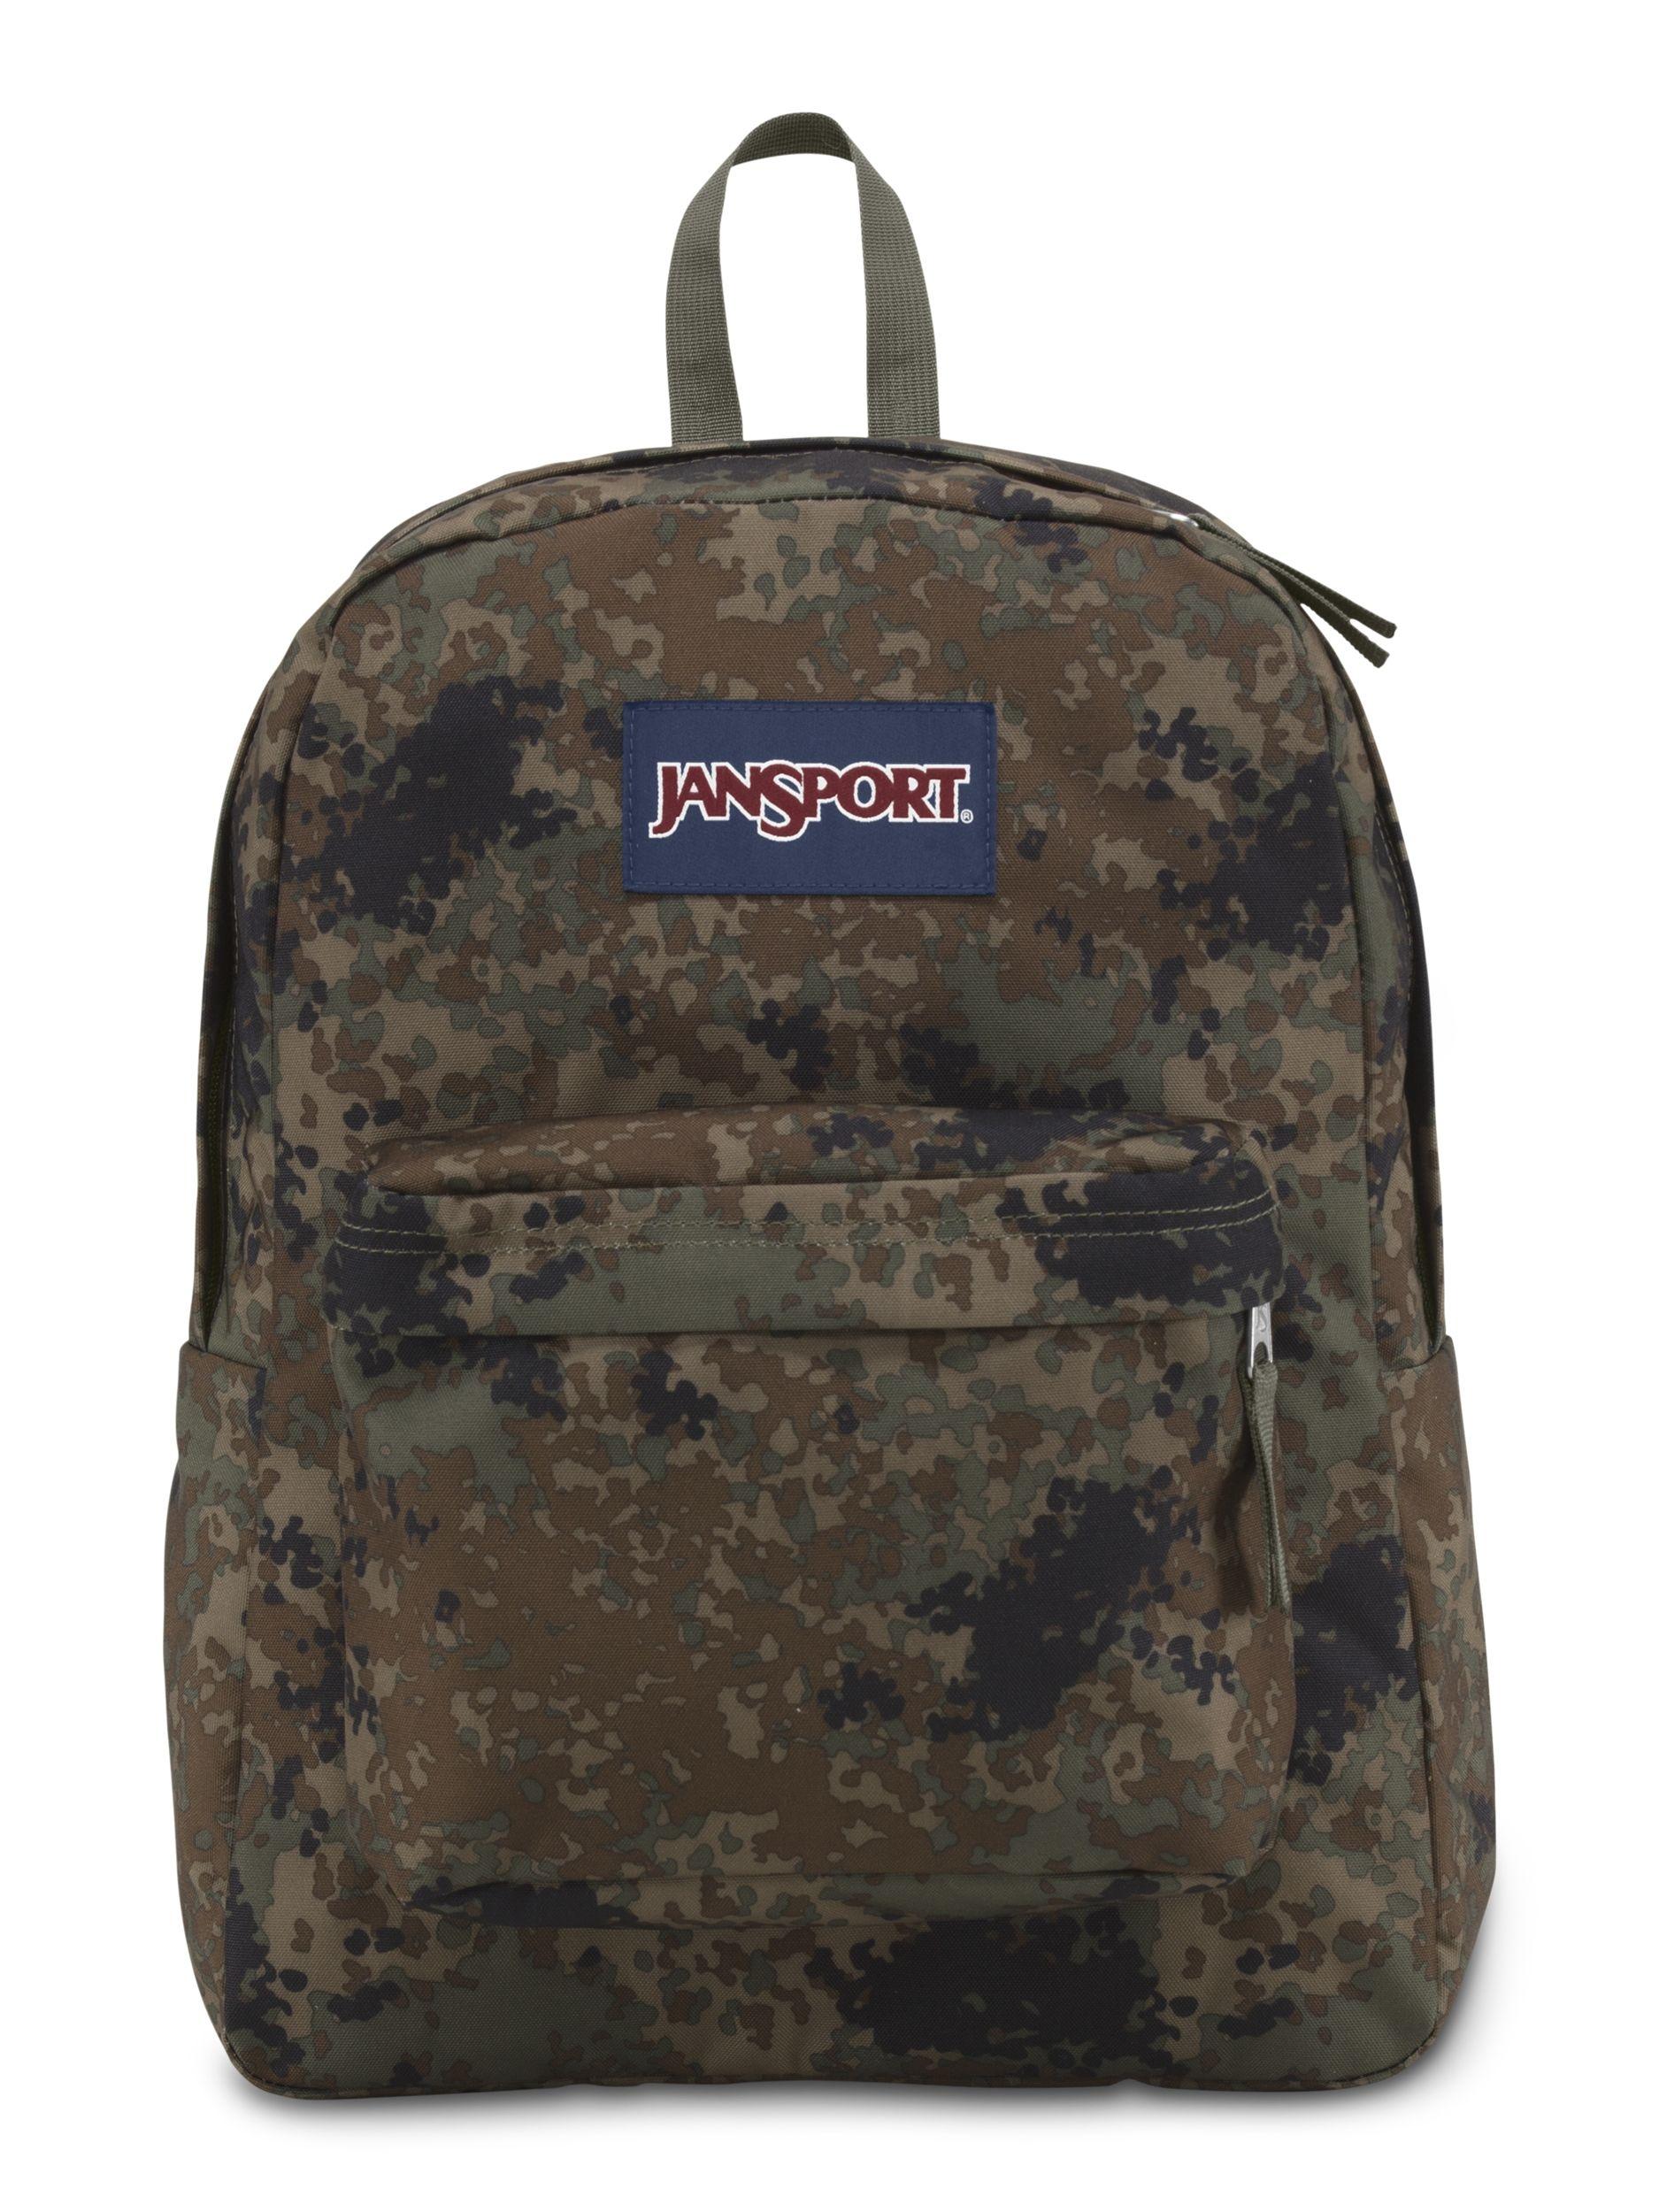 Superbreak® backpack | JanSport, Backpacks and Camo